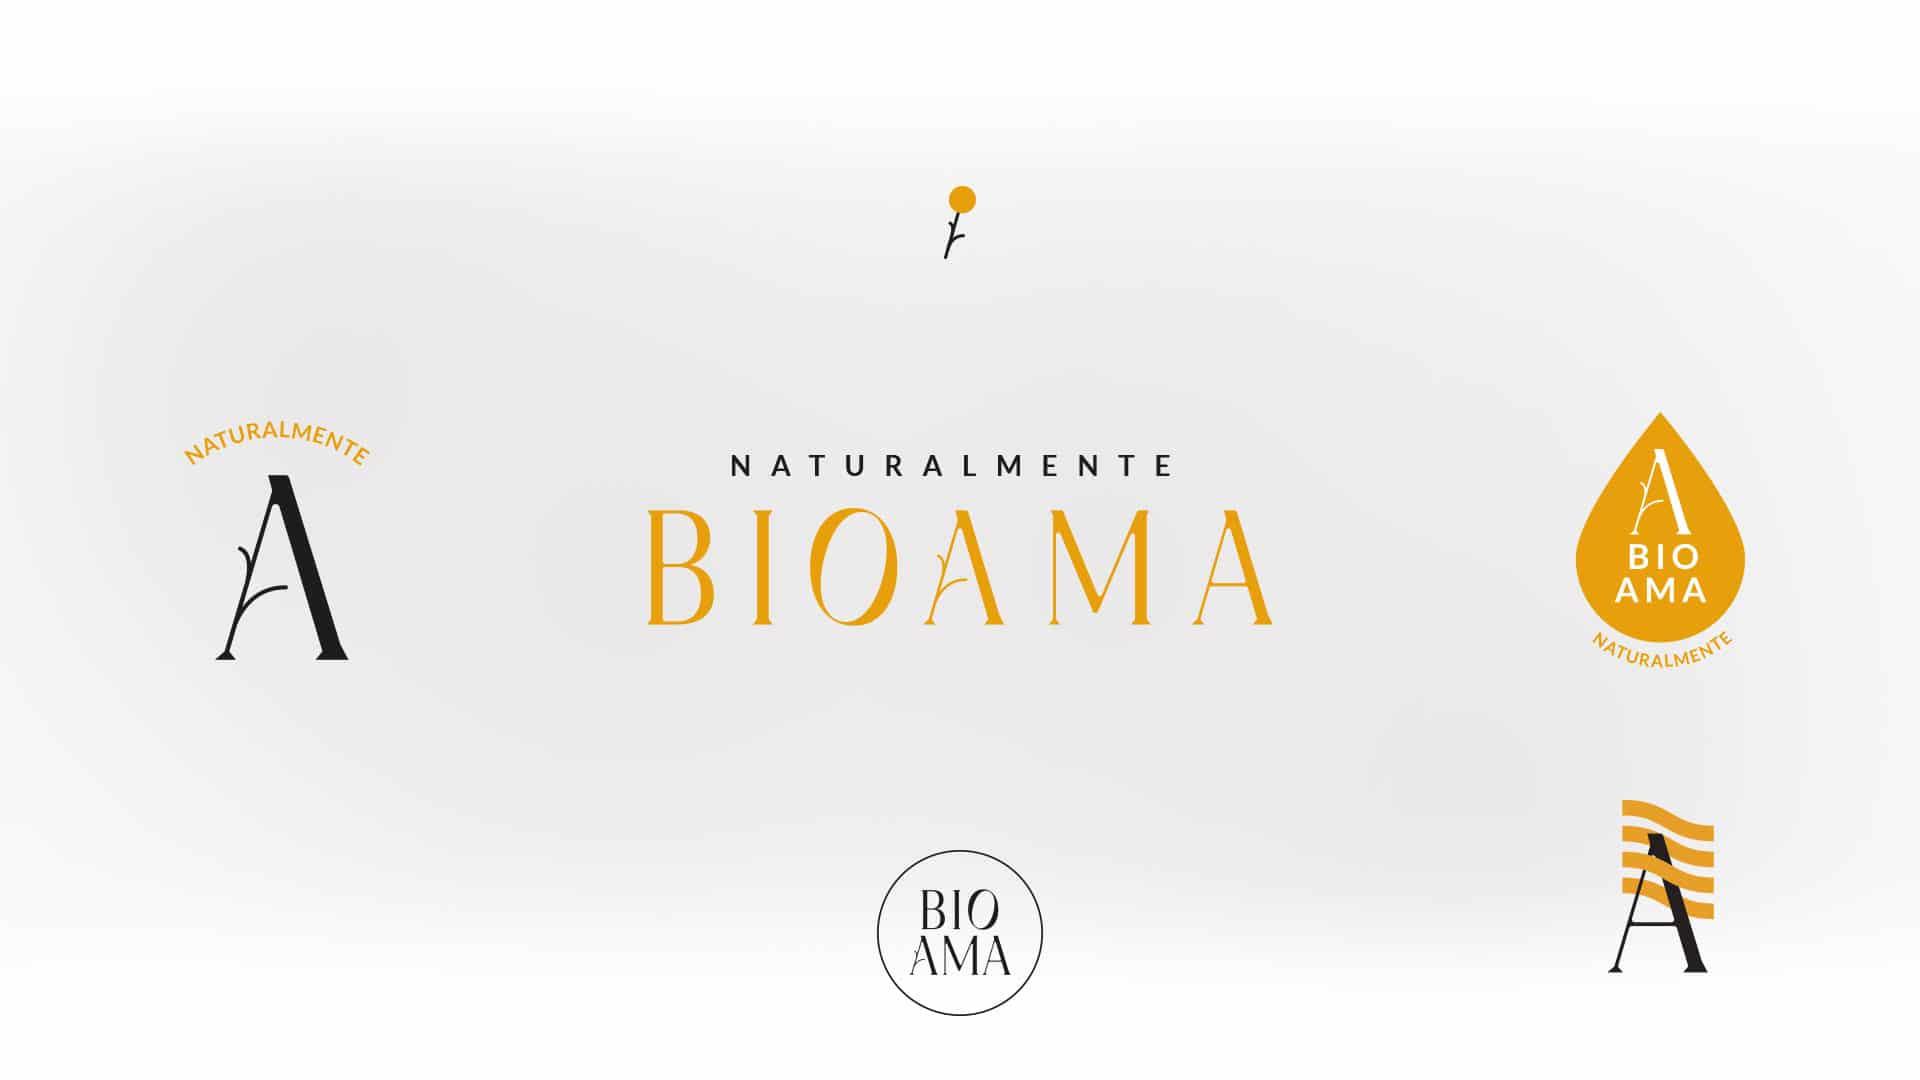 06 bioama declinazioni grafico milano image